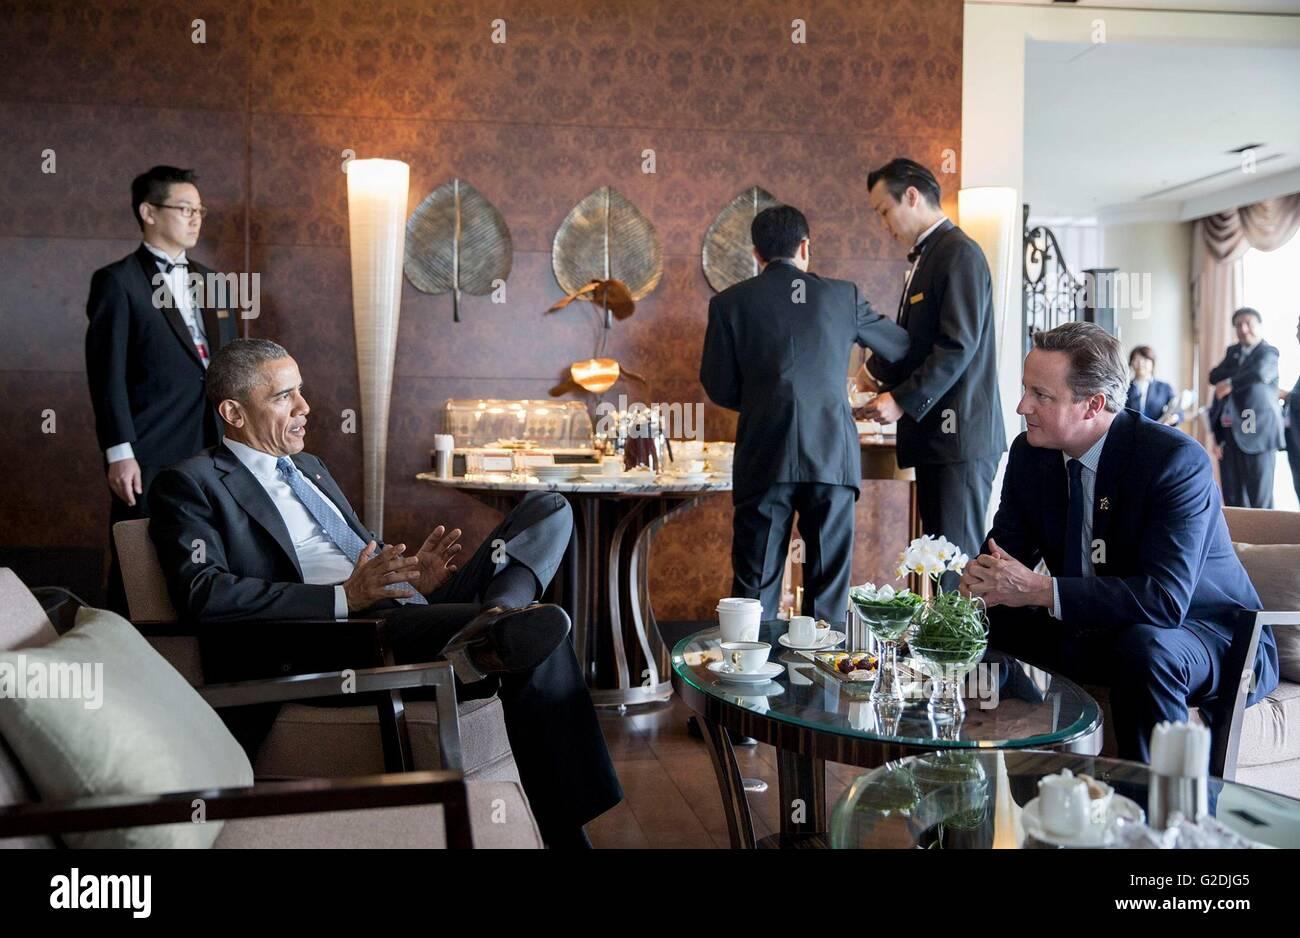 El presidente estadounidense Barack Obama habla con el Primer Ministro Británico David Cameron en la Bahía Suites durante un coffee break entre las sesiones de trabajo en la cumbre del G7 celebrada el 26 de mayo de 2016 en Shima, prefectura de Mie, Japón. Foto de stock